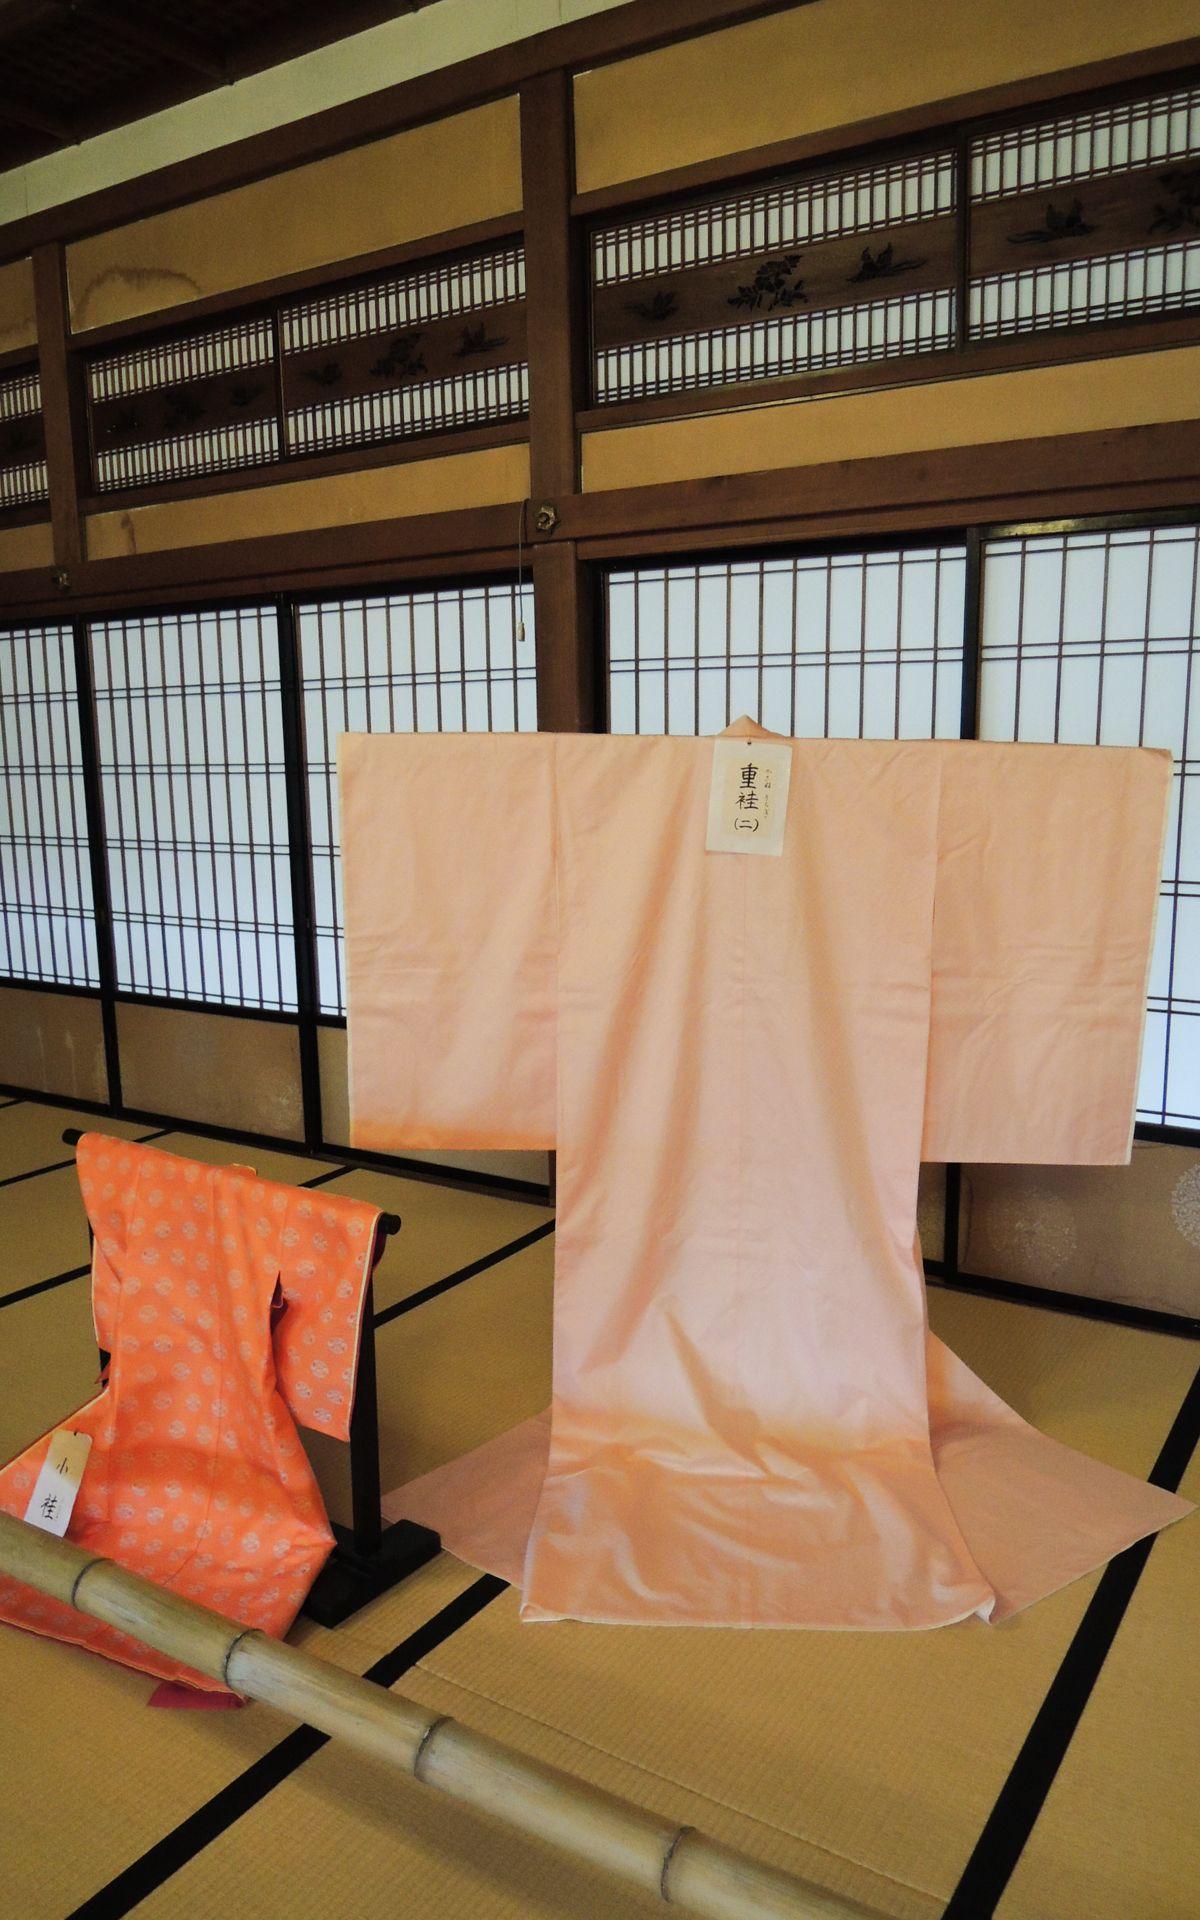 Kimono On Display In The Hinjitsu Kan During The Hina Meguri